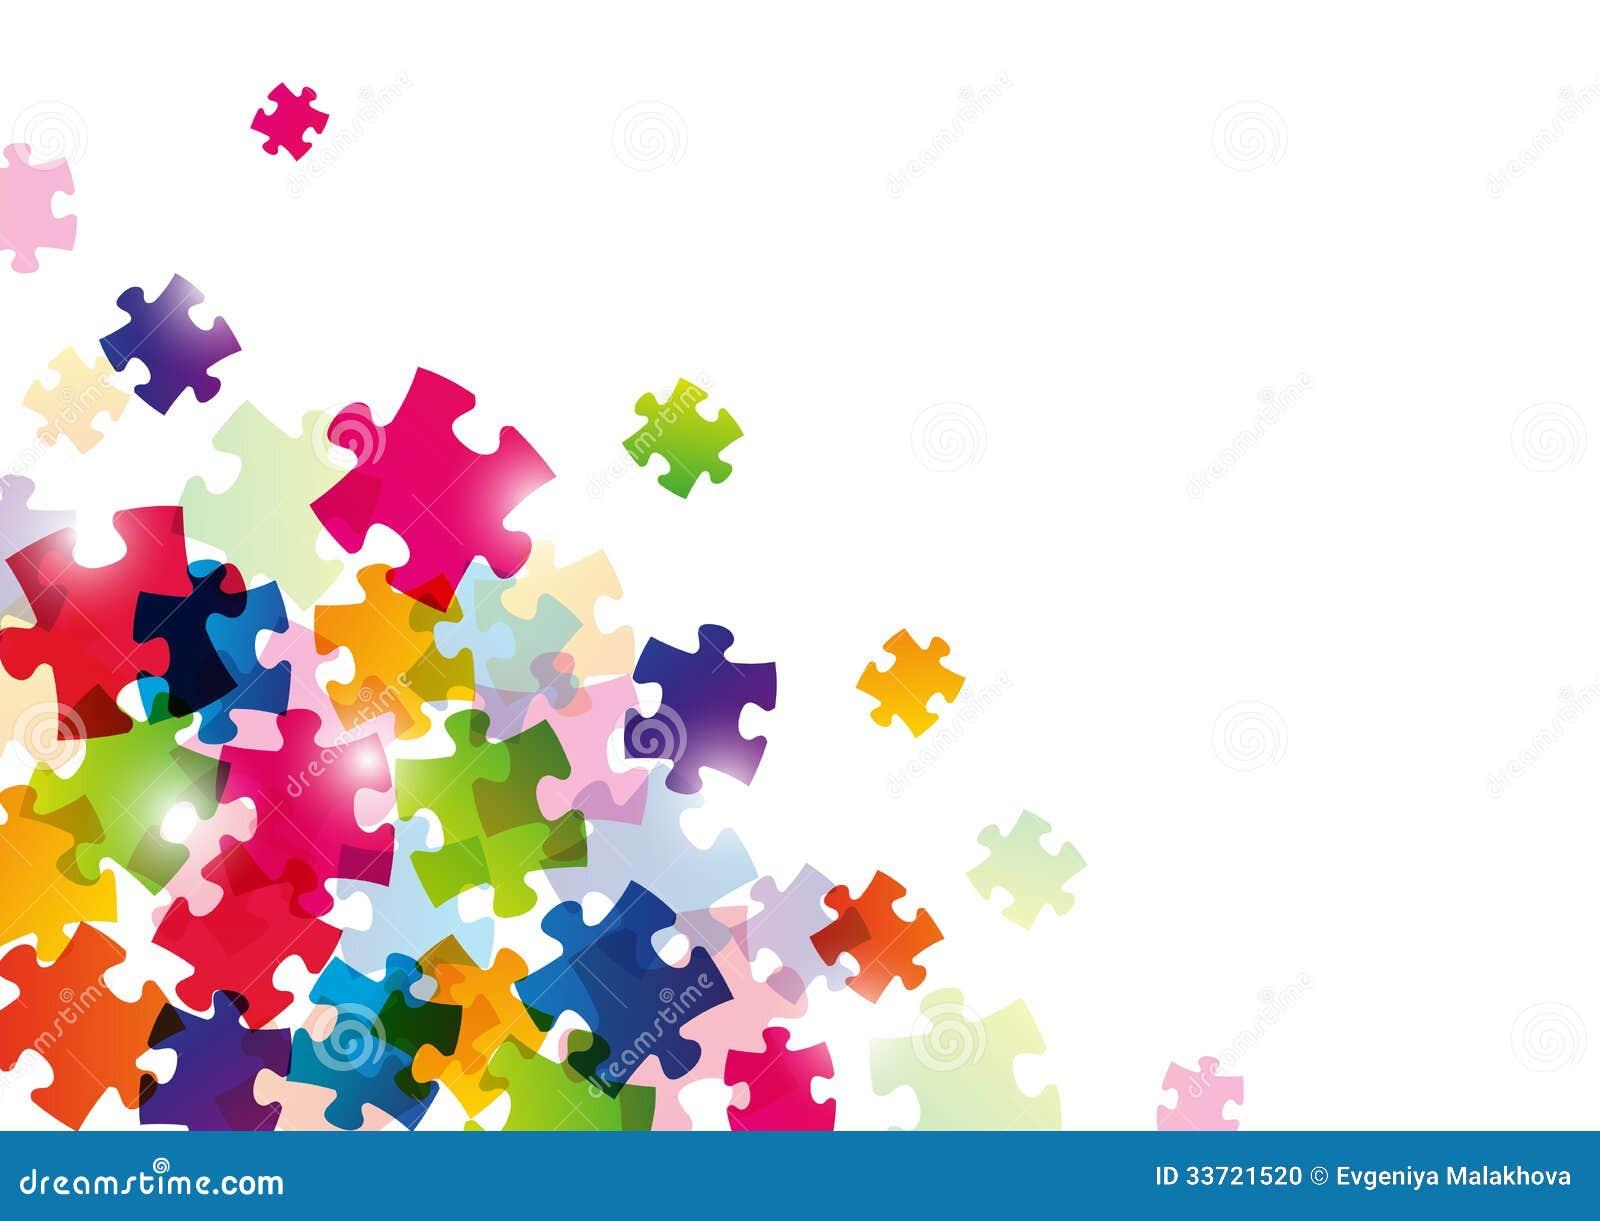 Farbpuzzlespielhintergrund